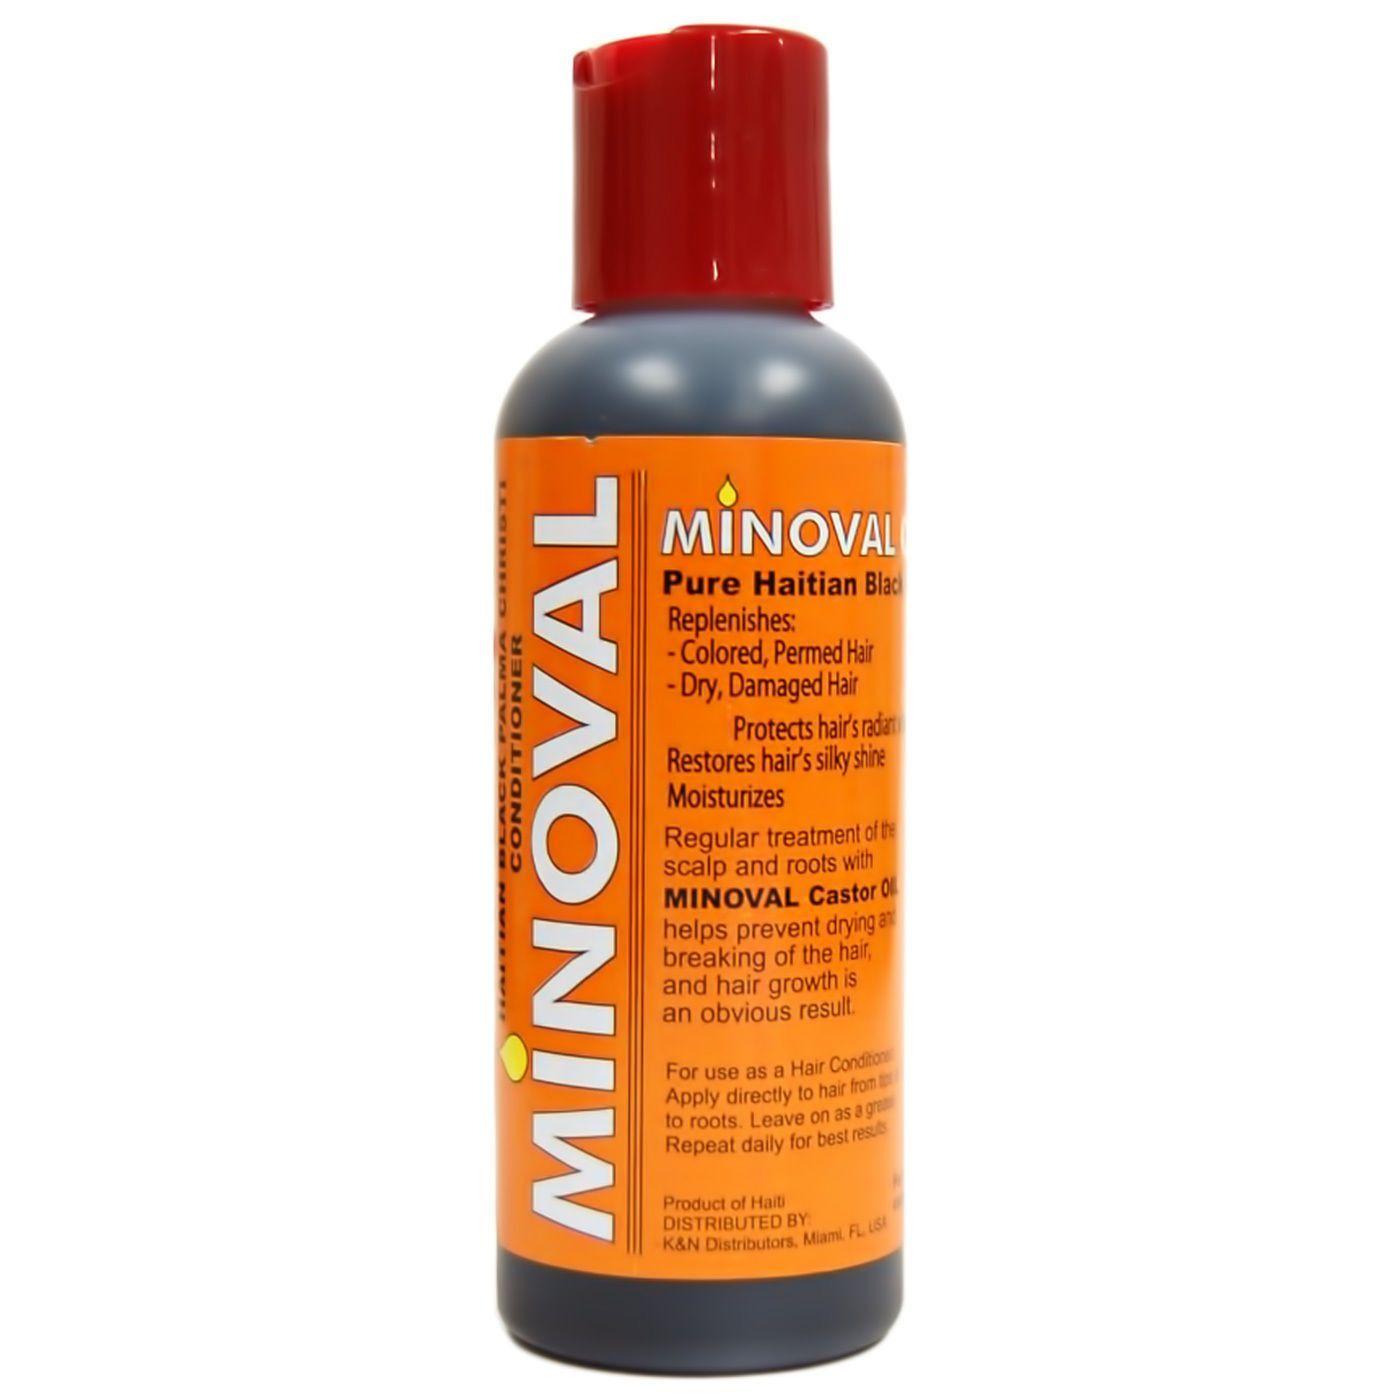 Minoval Pure Haitian Black Castor Oil 5oz Hair Growth Products